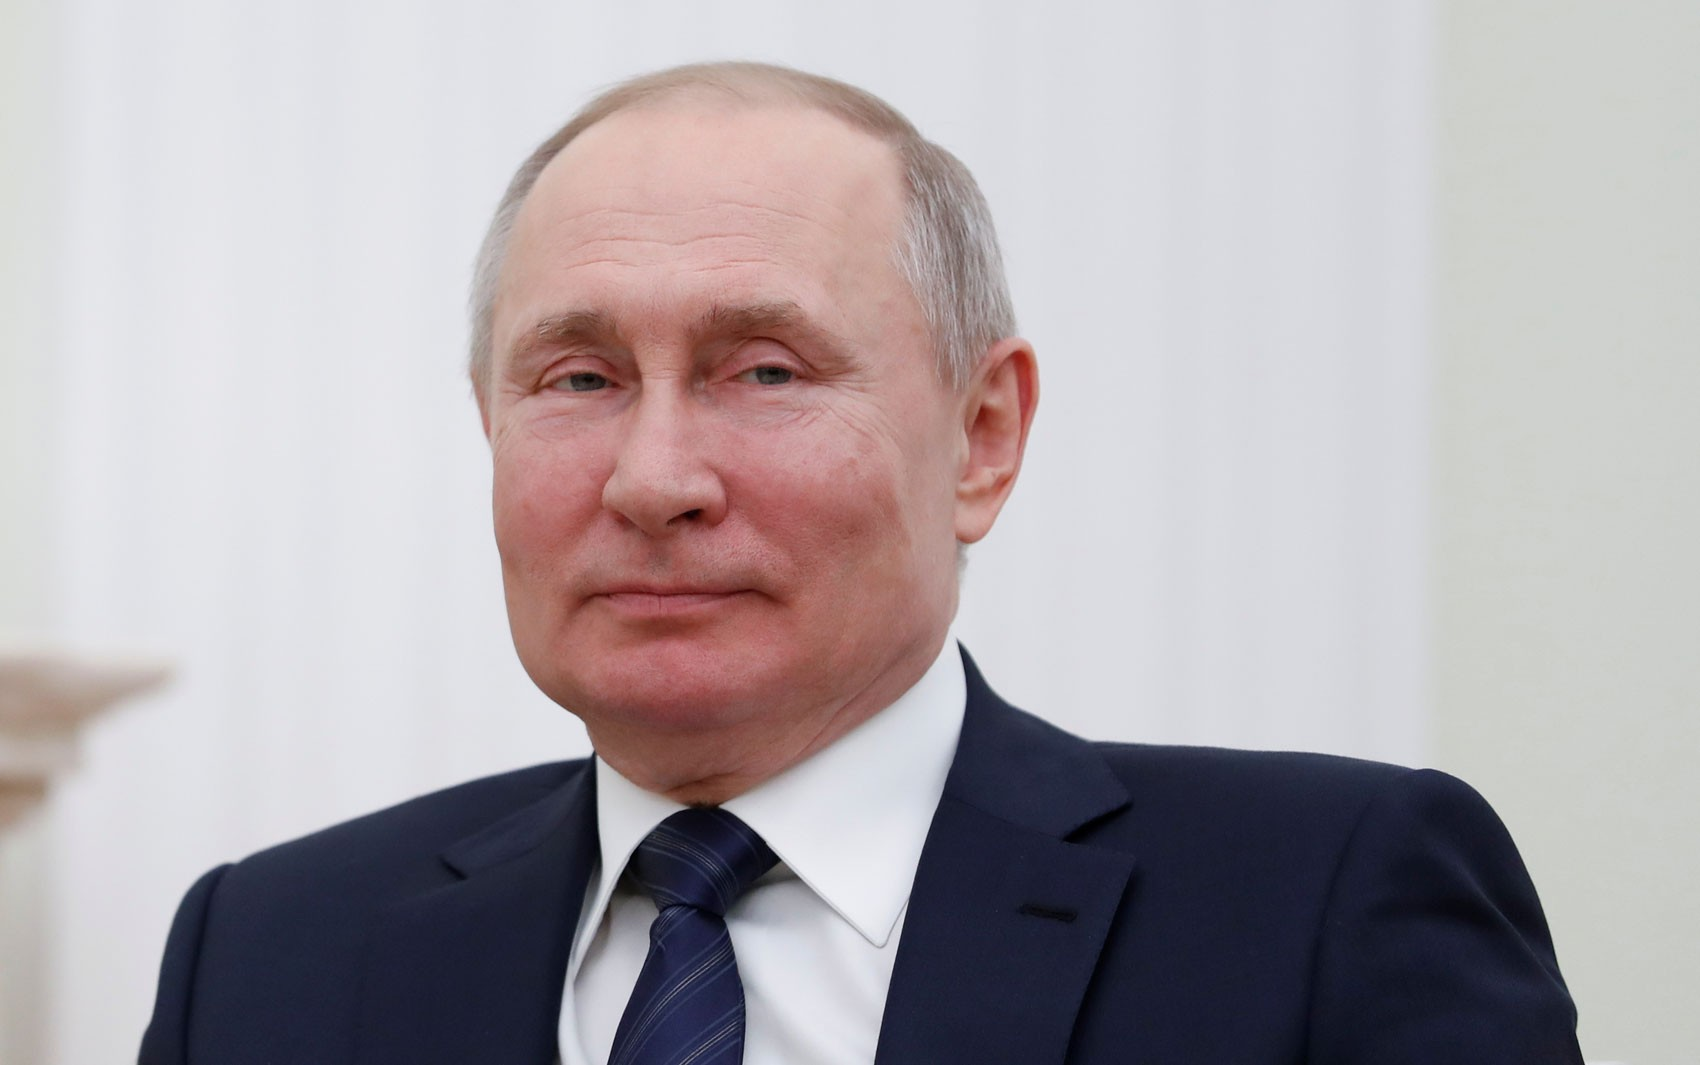 Putin afasta rumores de que usa dublê de corpo em aparições públicas